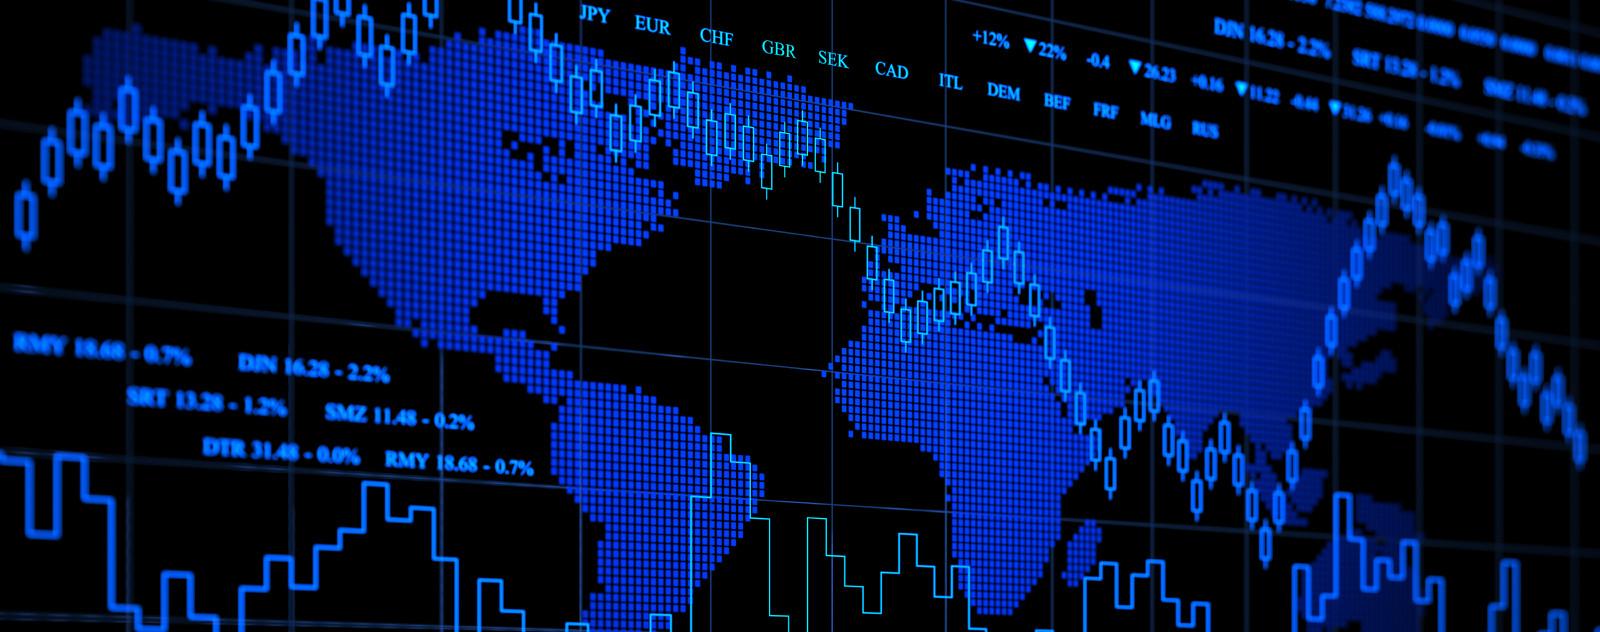 Kkr capital markets underwriting a loan